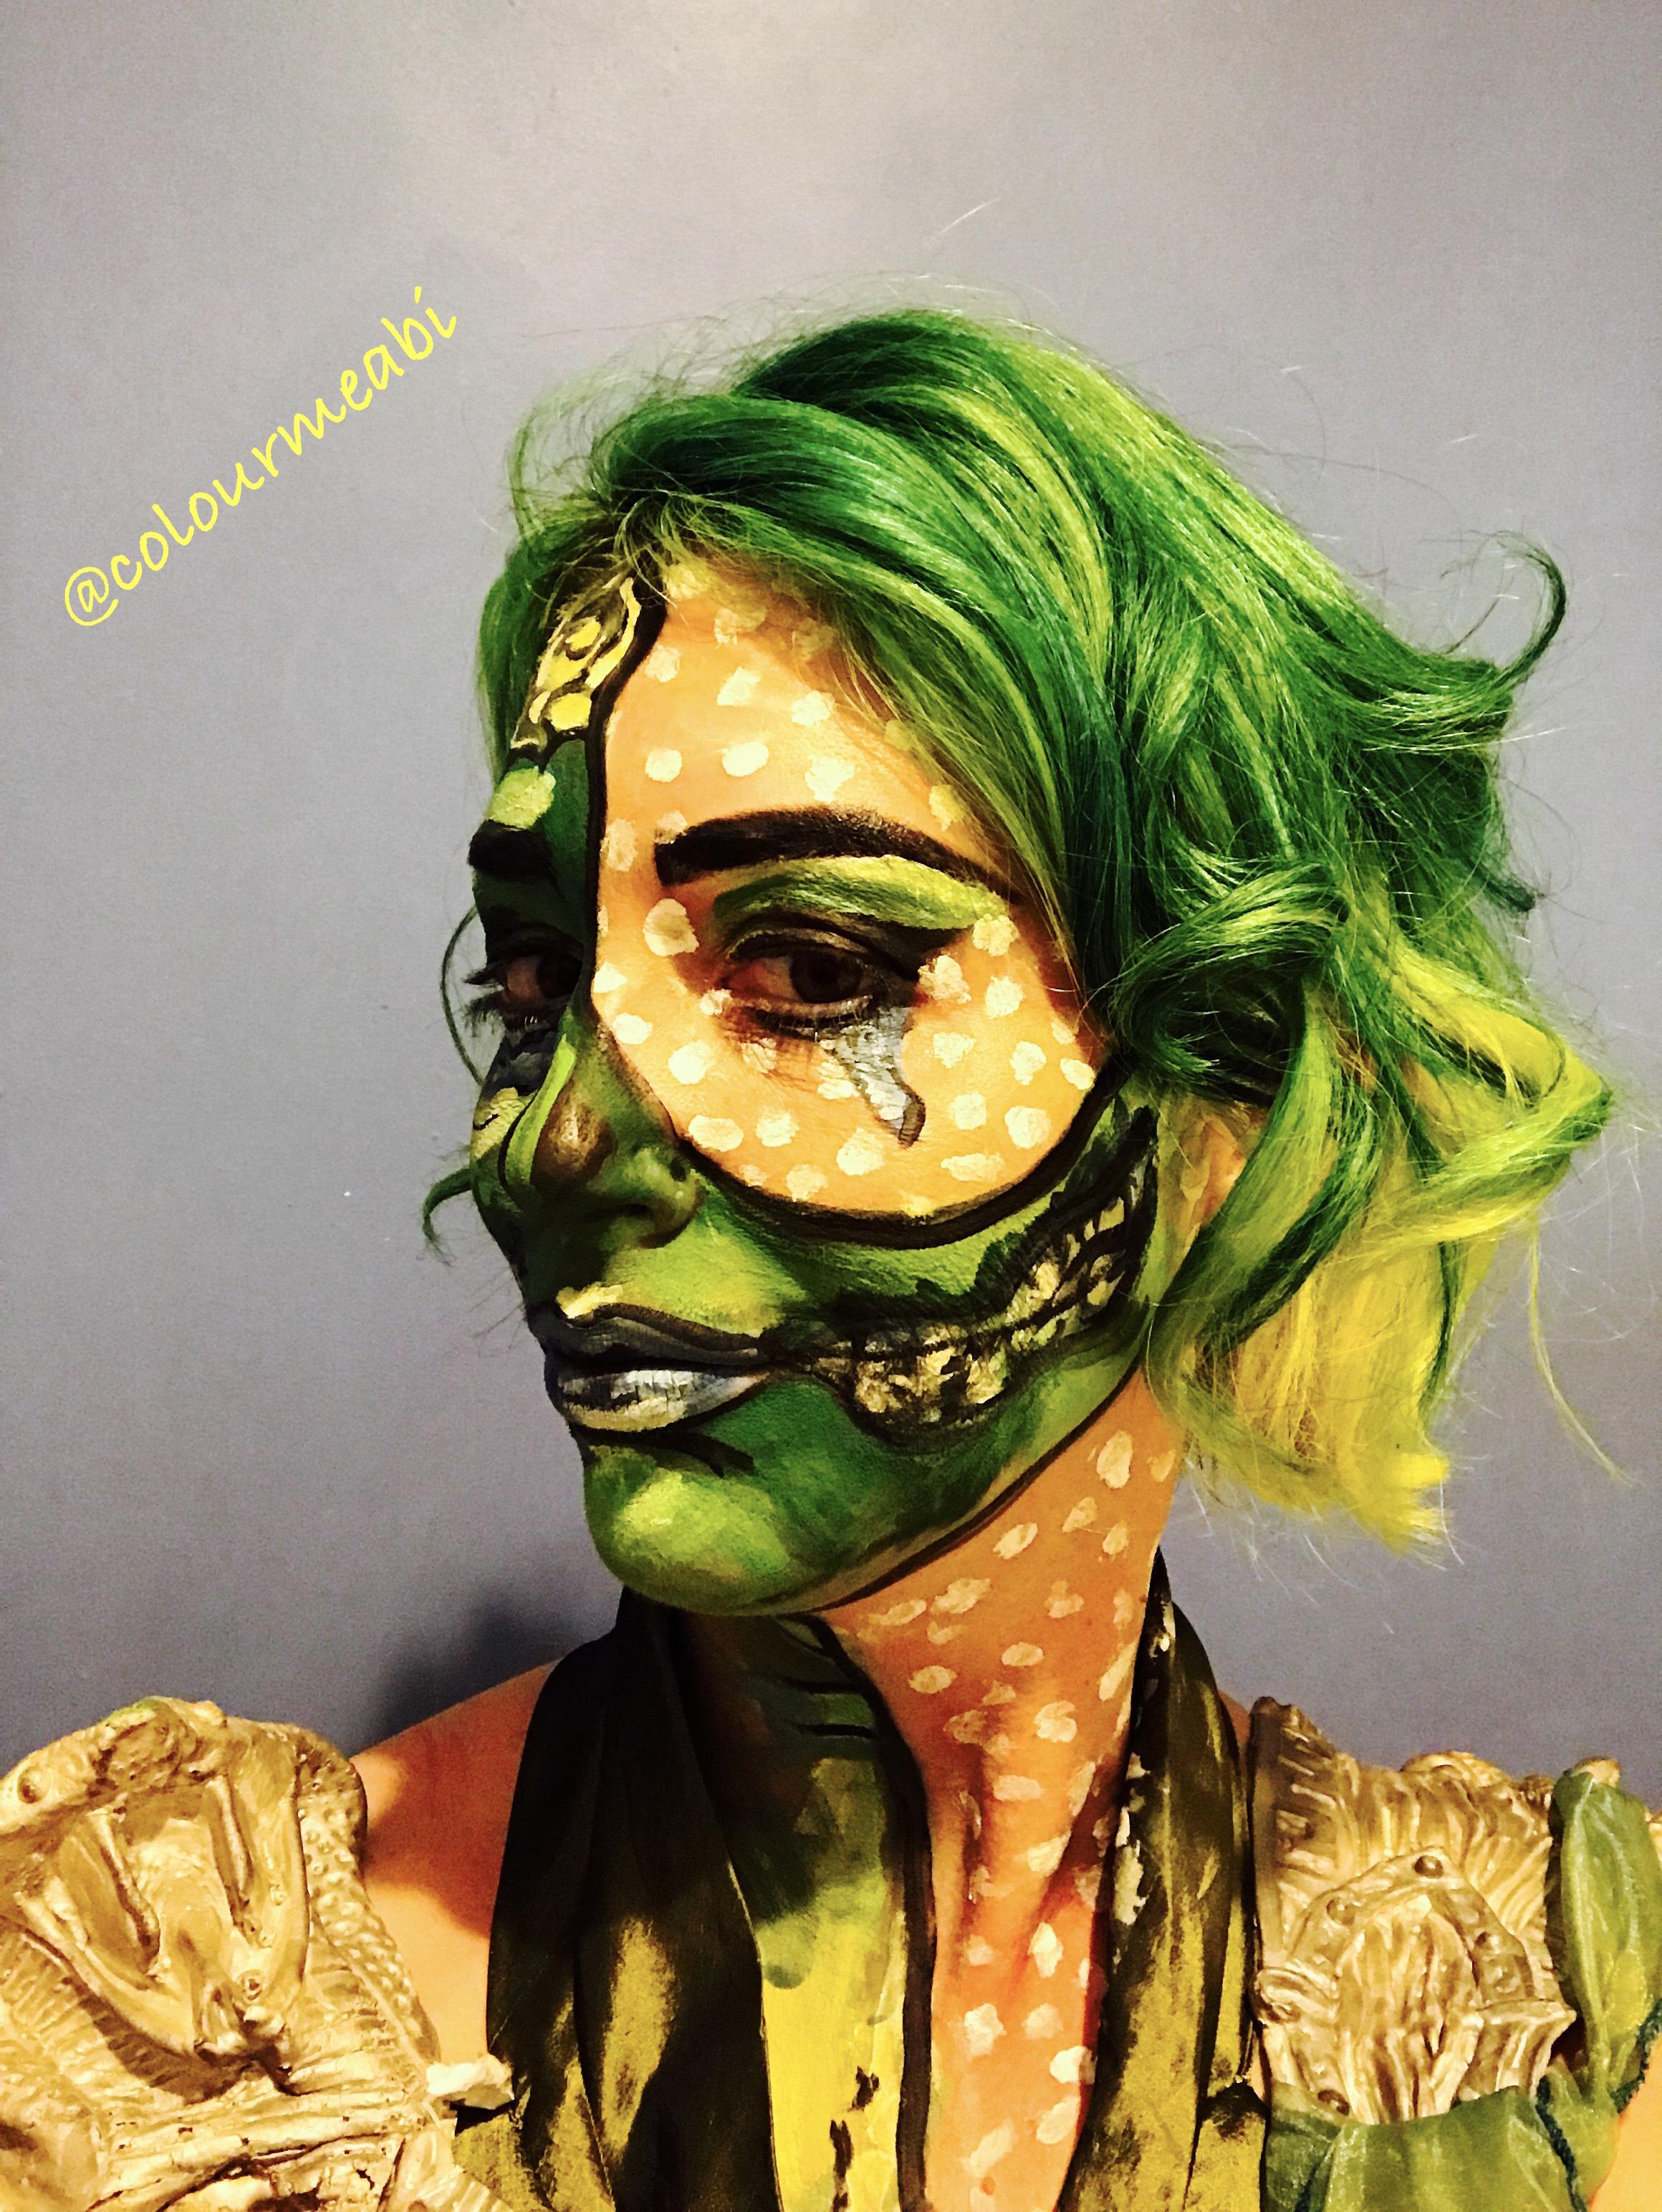 Roy Lichtenstein Halloween Costume.Homage Roy Lichtenstein Pop Art Halloween Costume Fancy